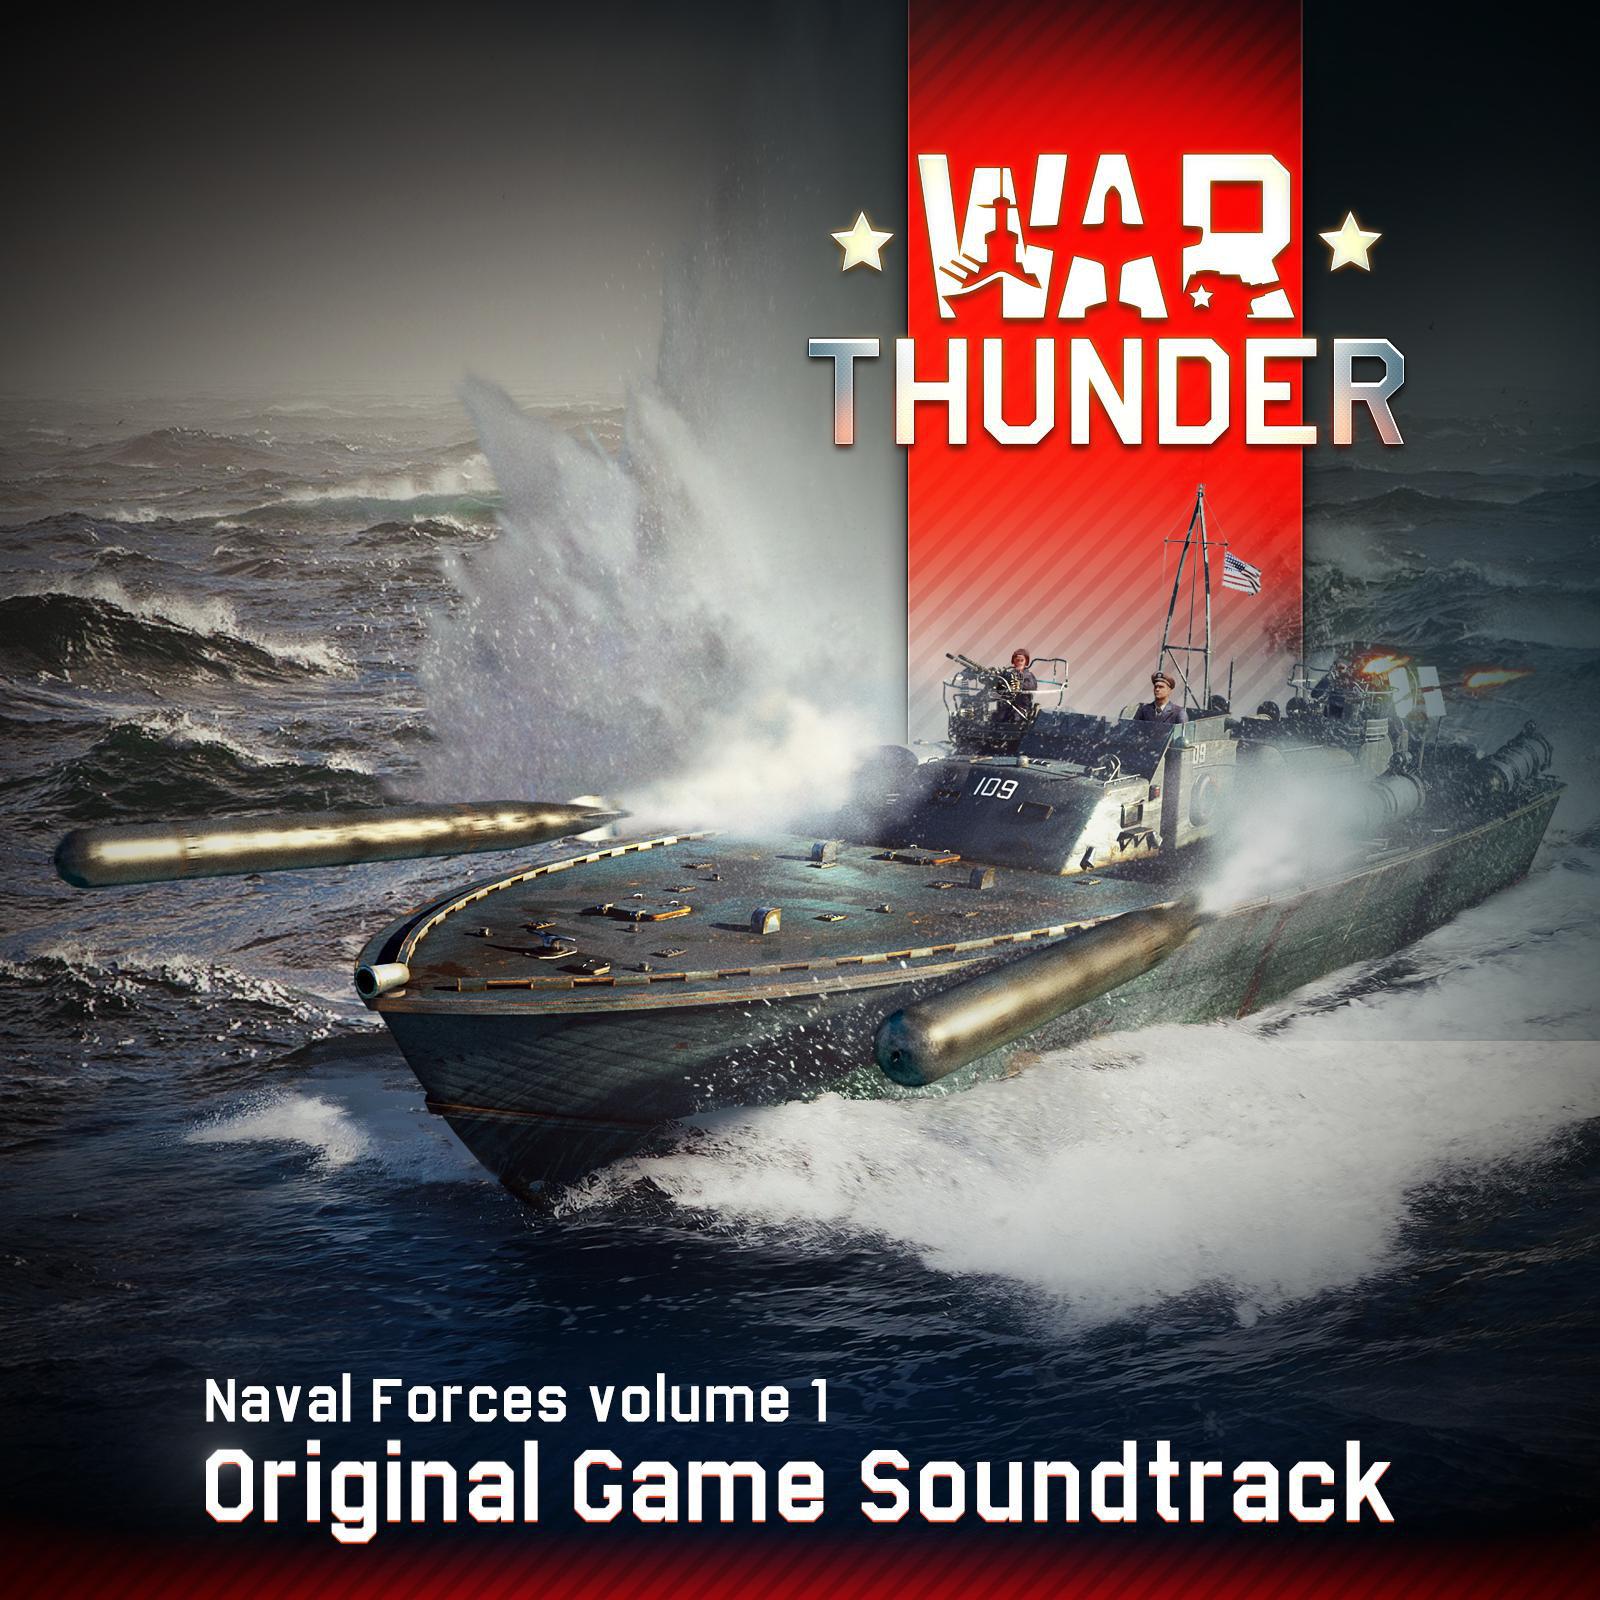 Слушать музыку thunder